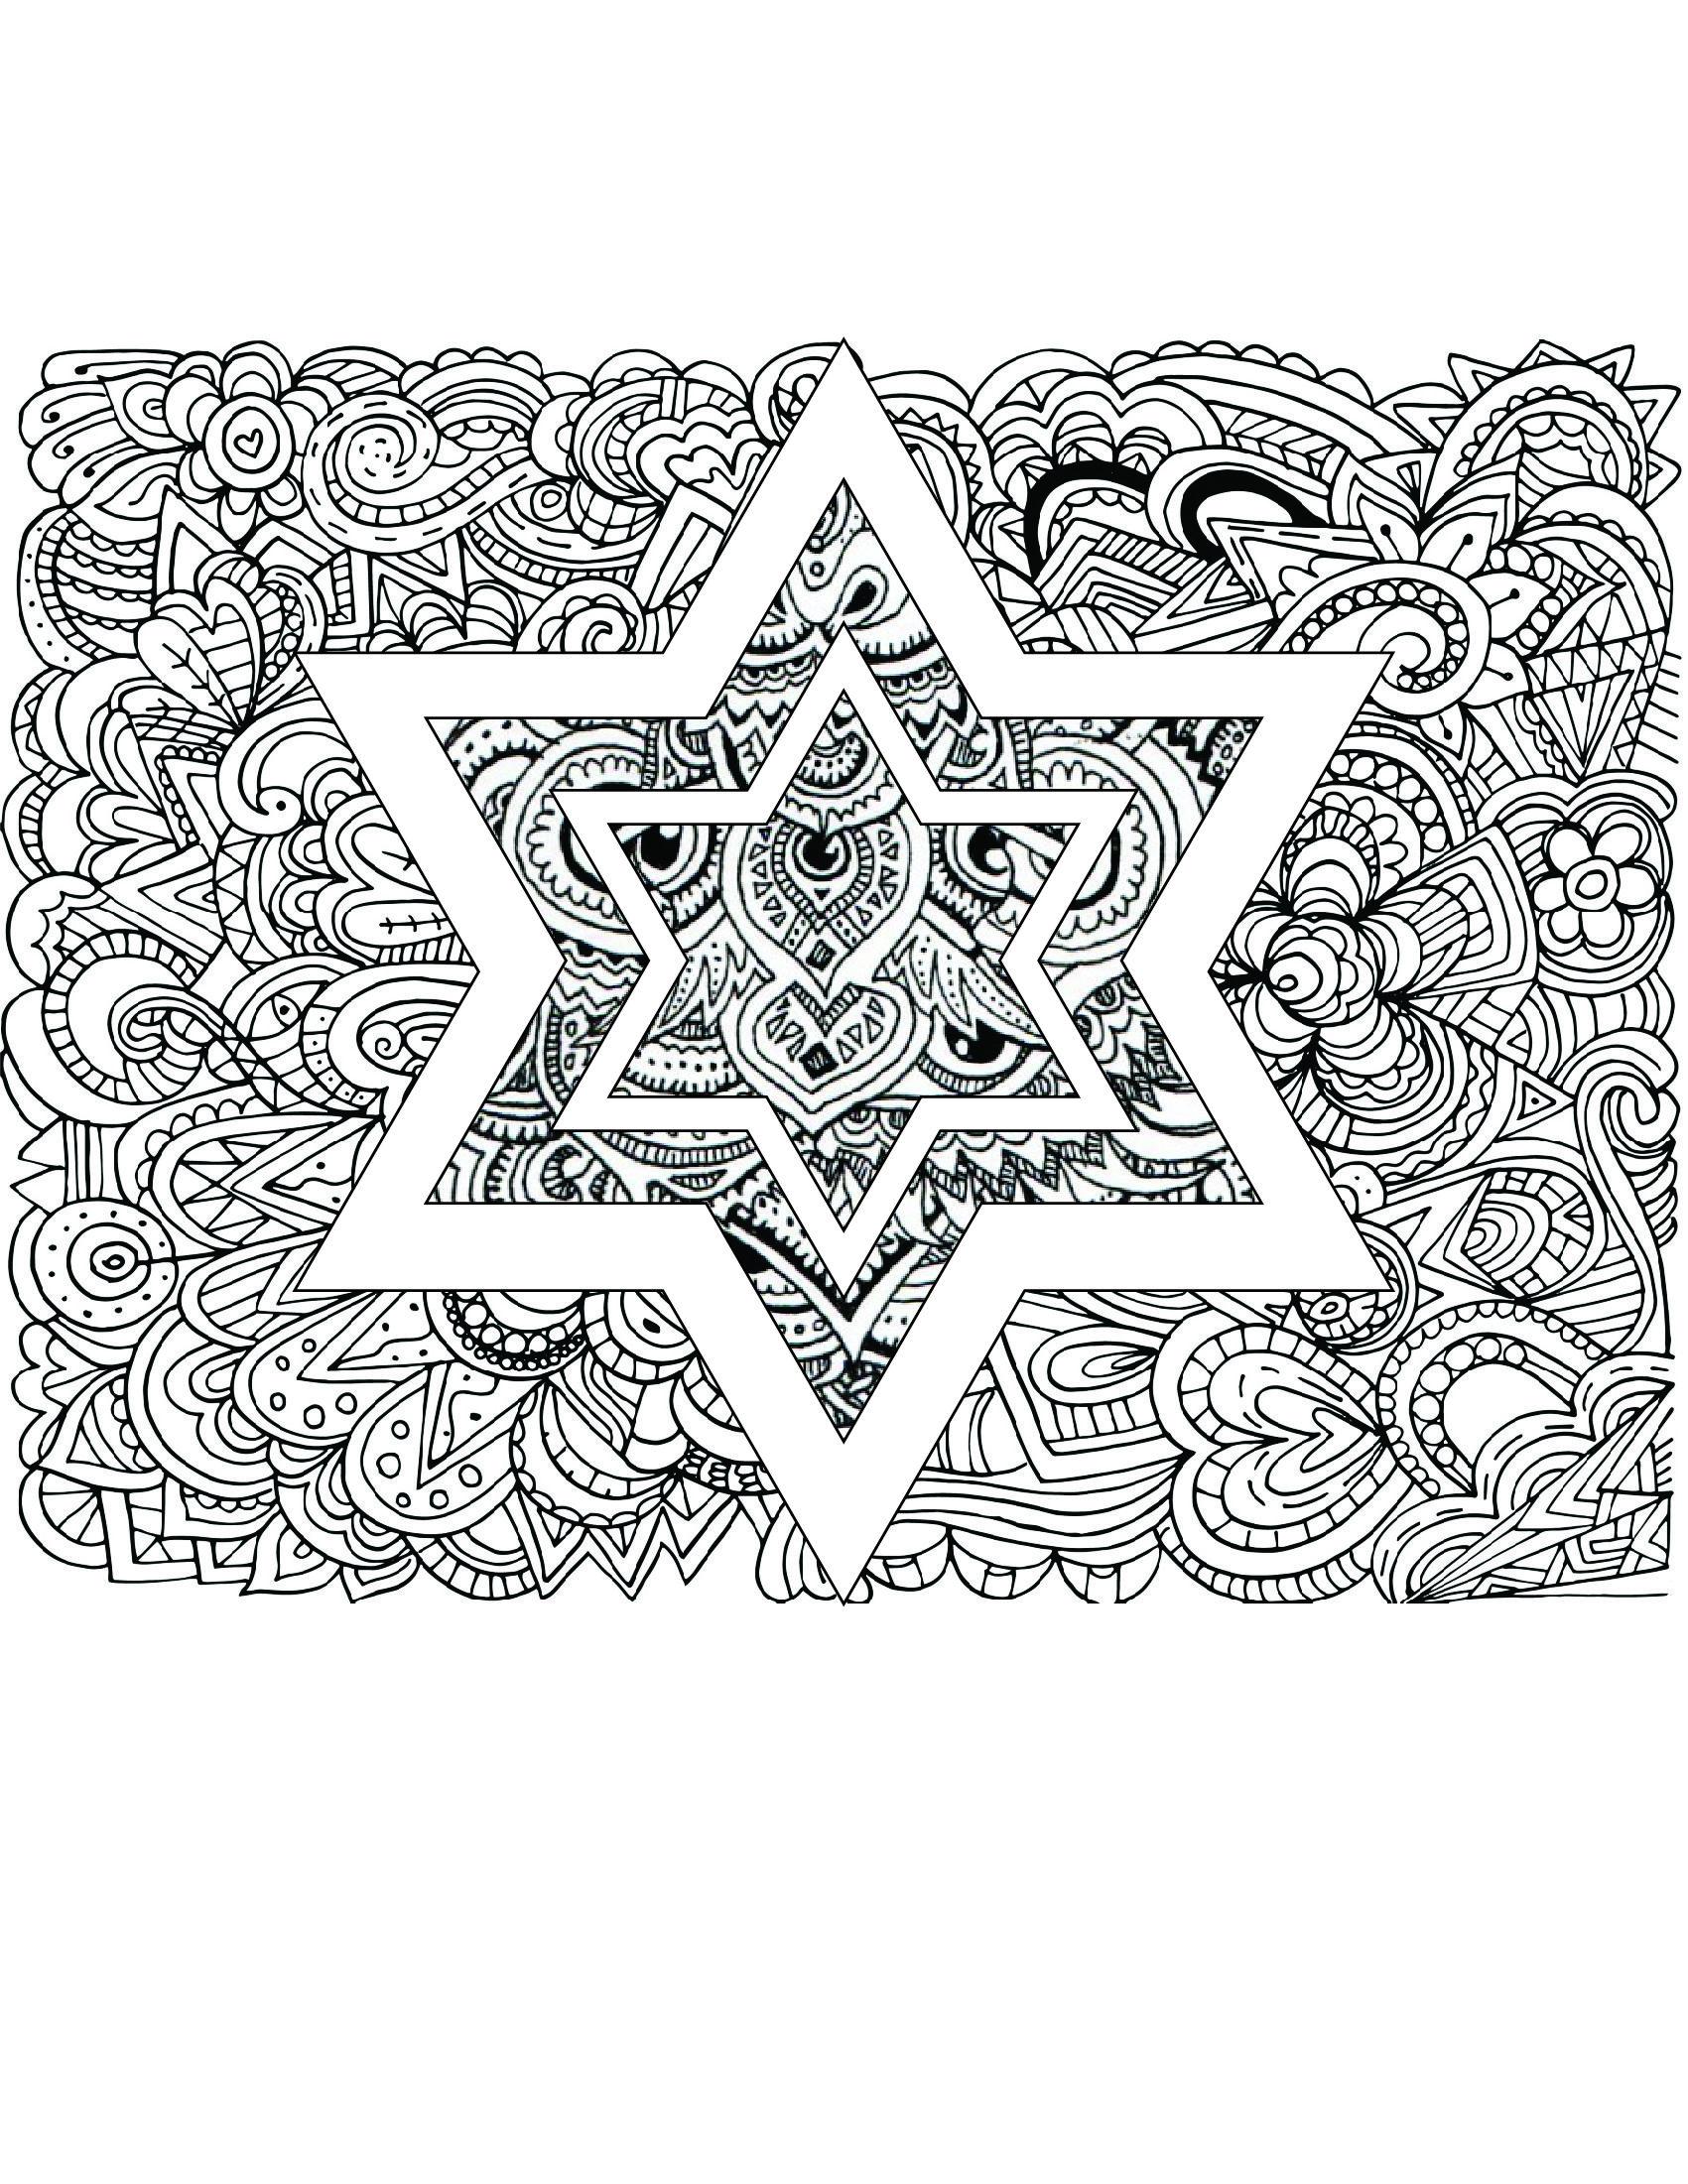 Jewish Star Of David Magen David Judaic Holiday Coloring Page